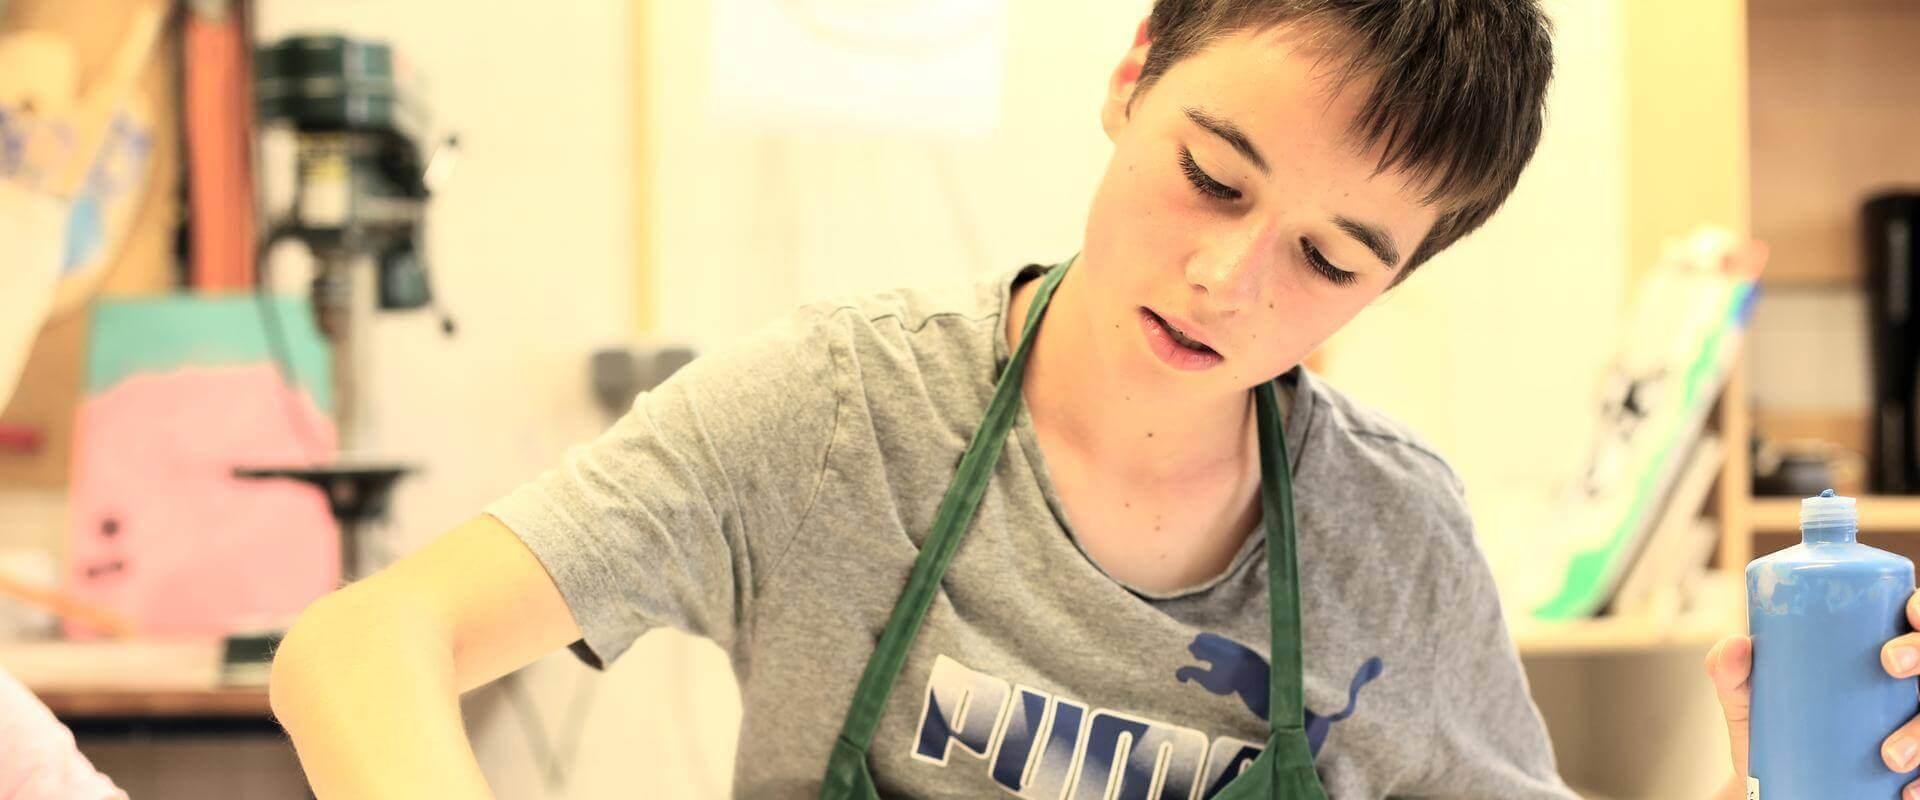 Ein Kind arbeitet in der Werkstatt der MEDIAN Kinder- und Jugendklinik Beelitz